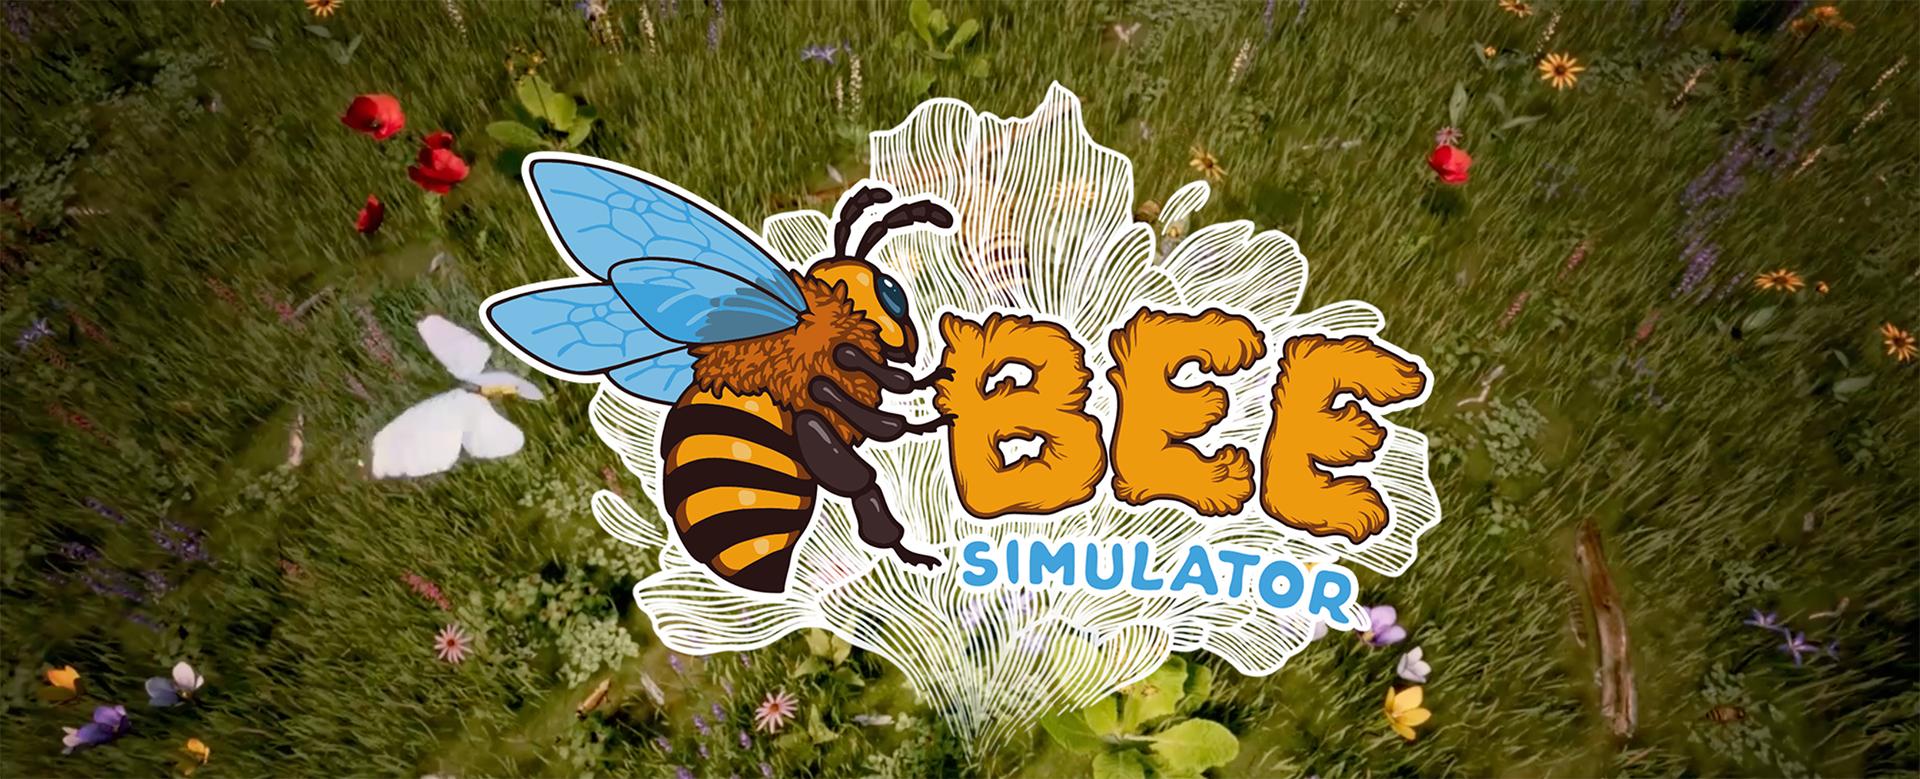 Bee Simulator chega ao  Switch no final do ano, jogo terá edição física pela Bigben Interactive